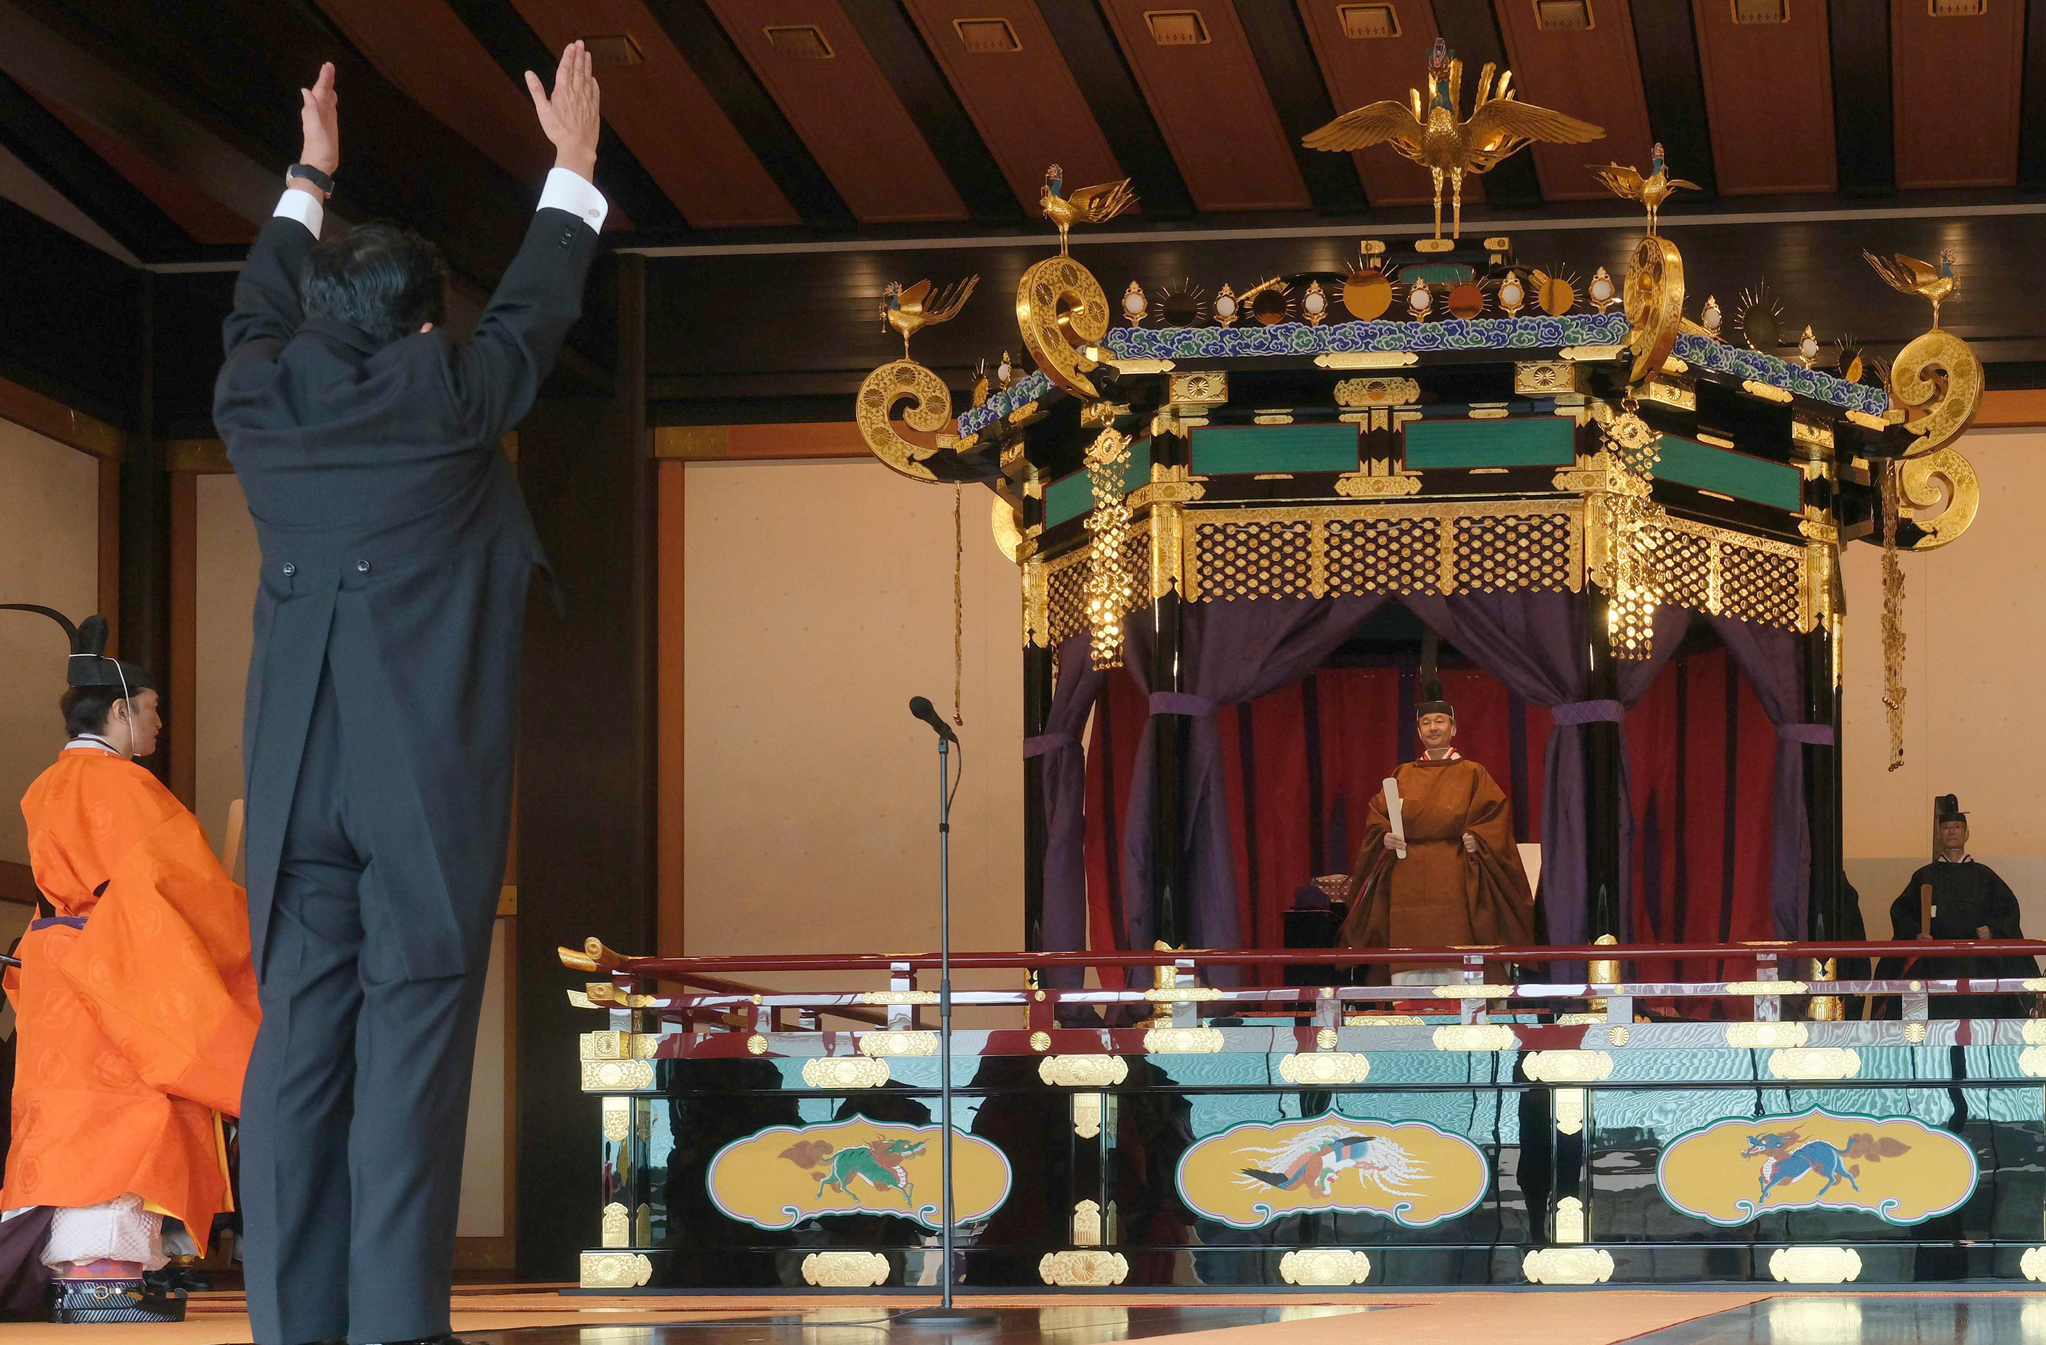 아베 신조 일본총리(왼쪽)가 22일 도쿄 황궁에서 열린 나루히토 일왕 즉위식에서 만세를 하고 있다. [AFP=연합뉴스]